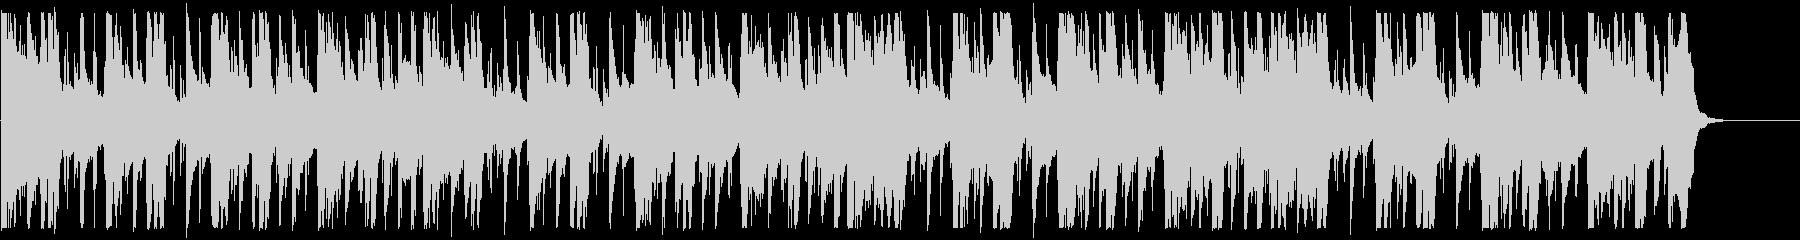 キラキラ/ローファイ_No593_4の未再生の波形